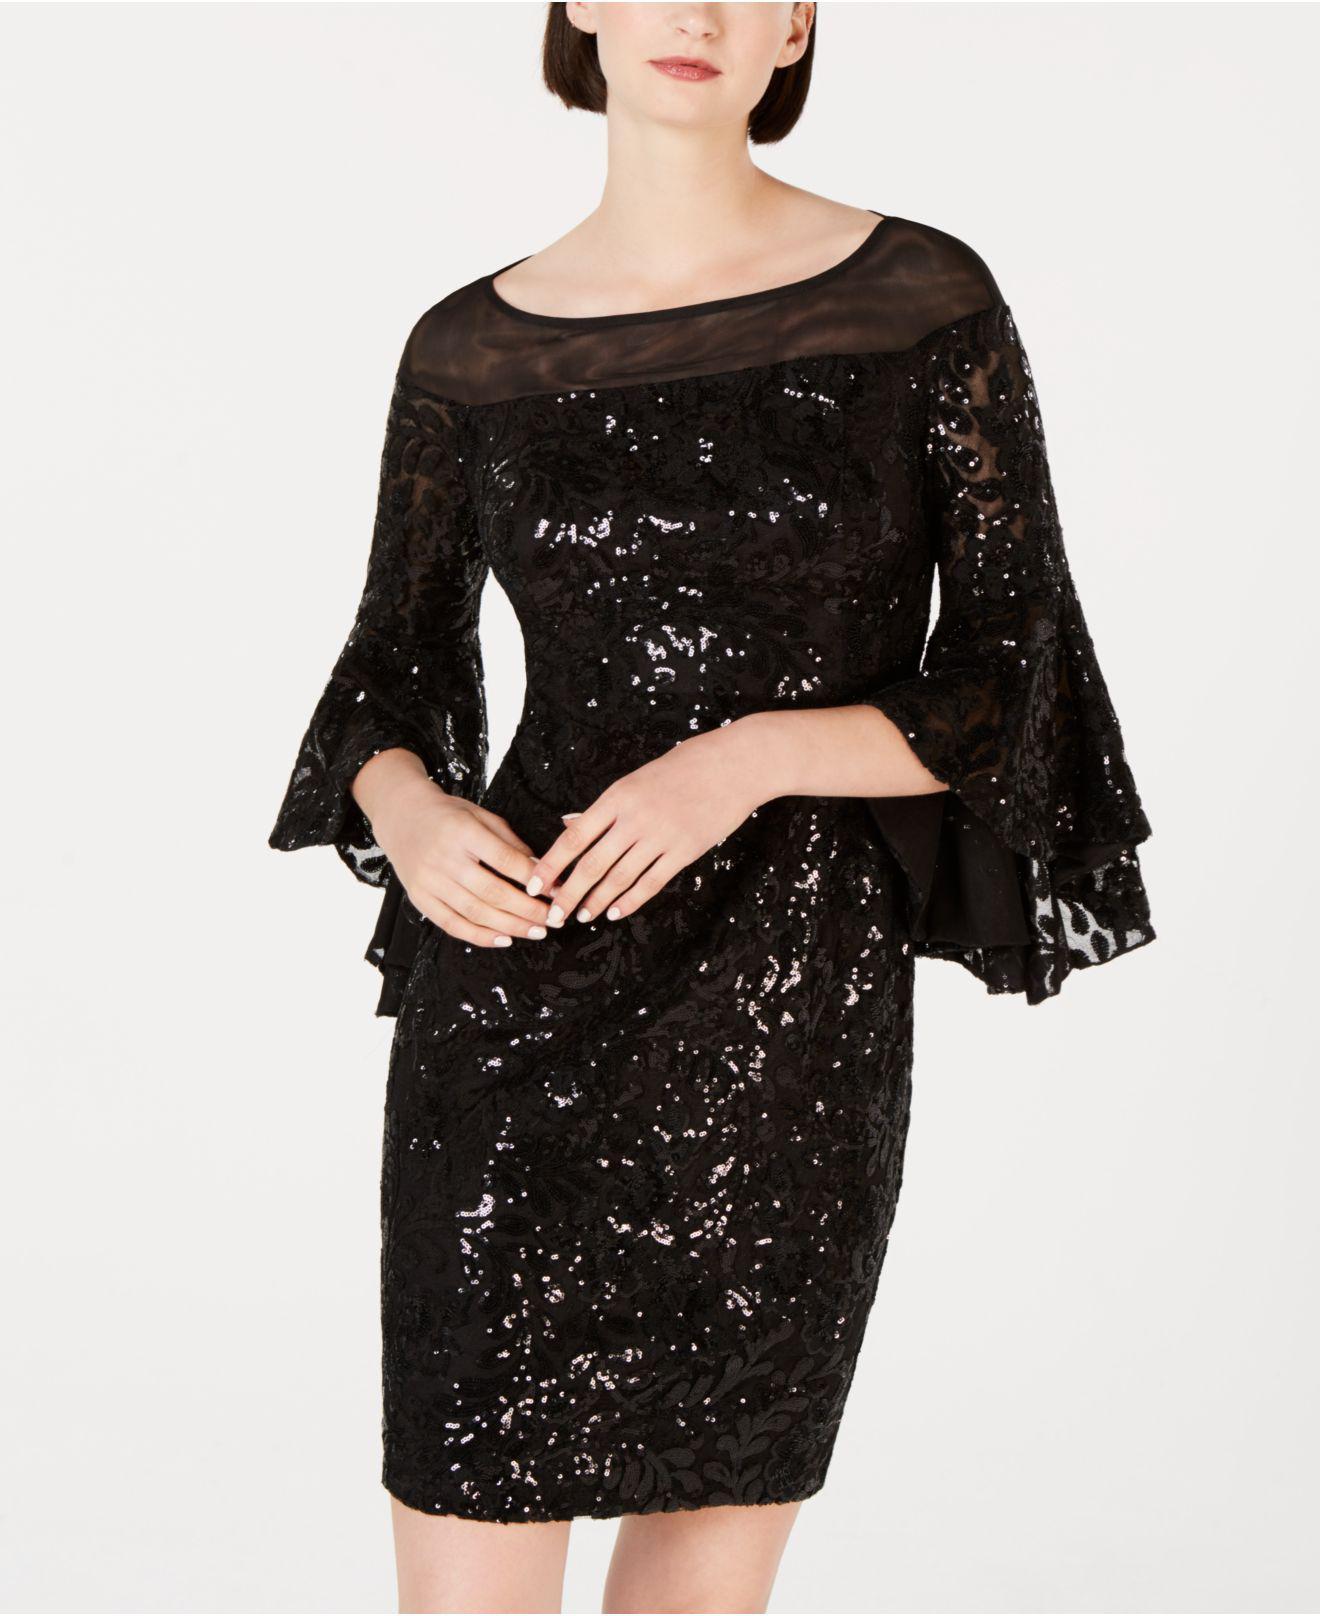 Sequin Bell Sleeve Sheath Dress